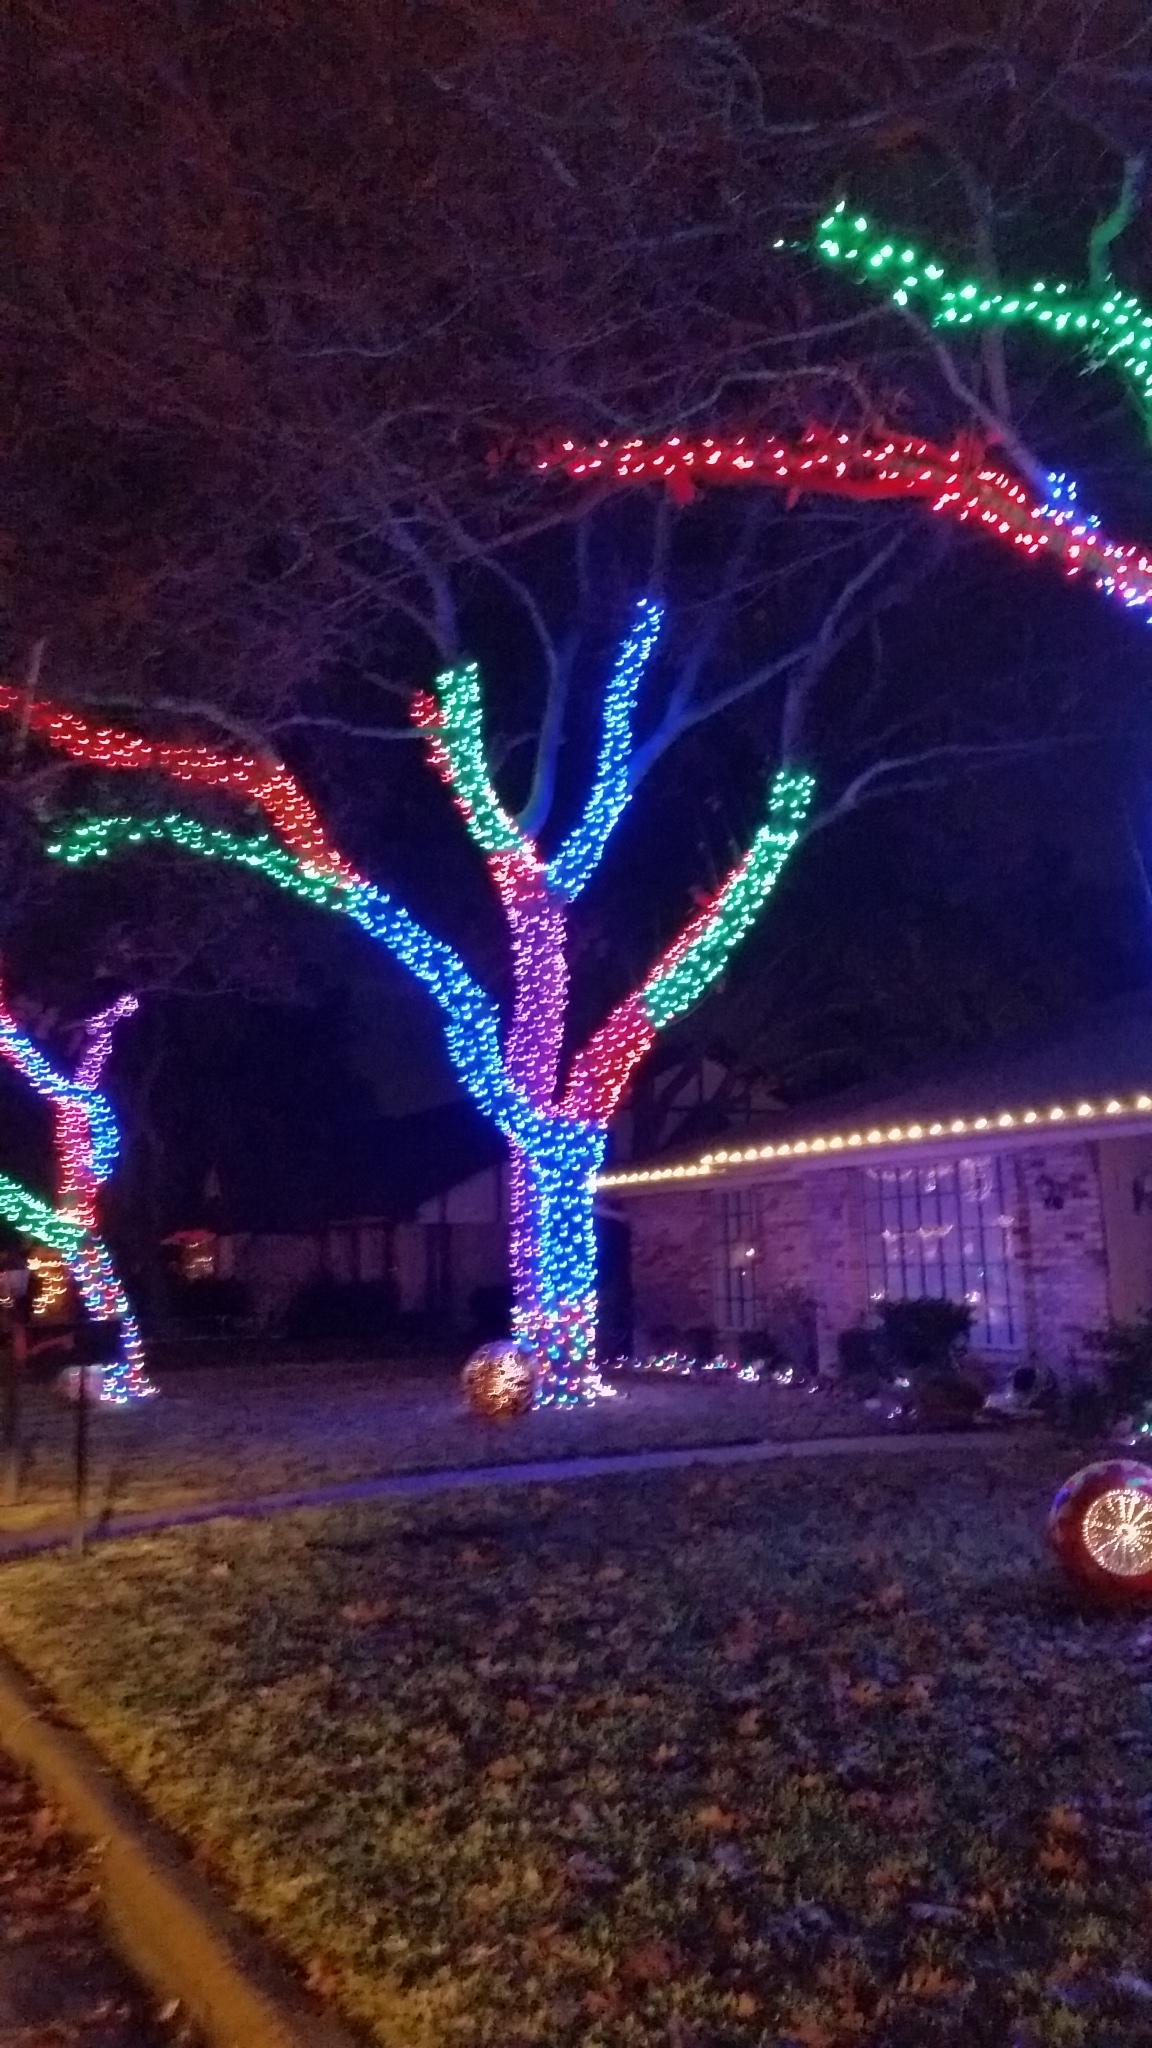 20141213_211038 - Arlington Christmas Lights